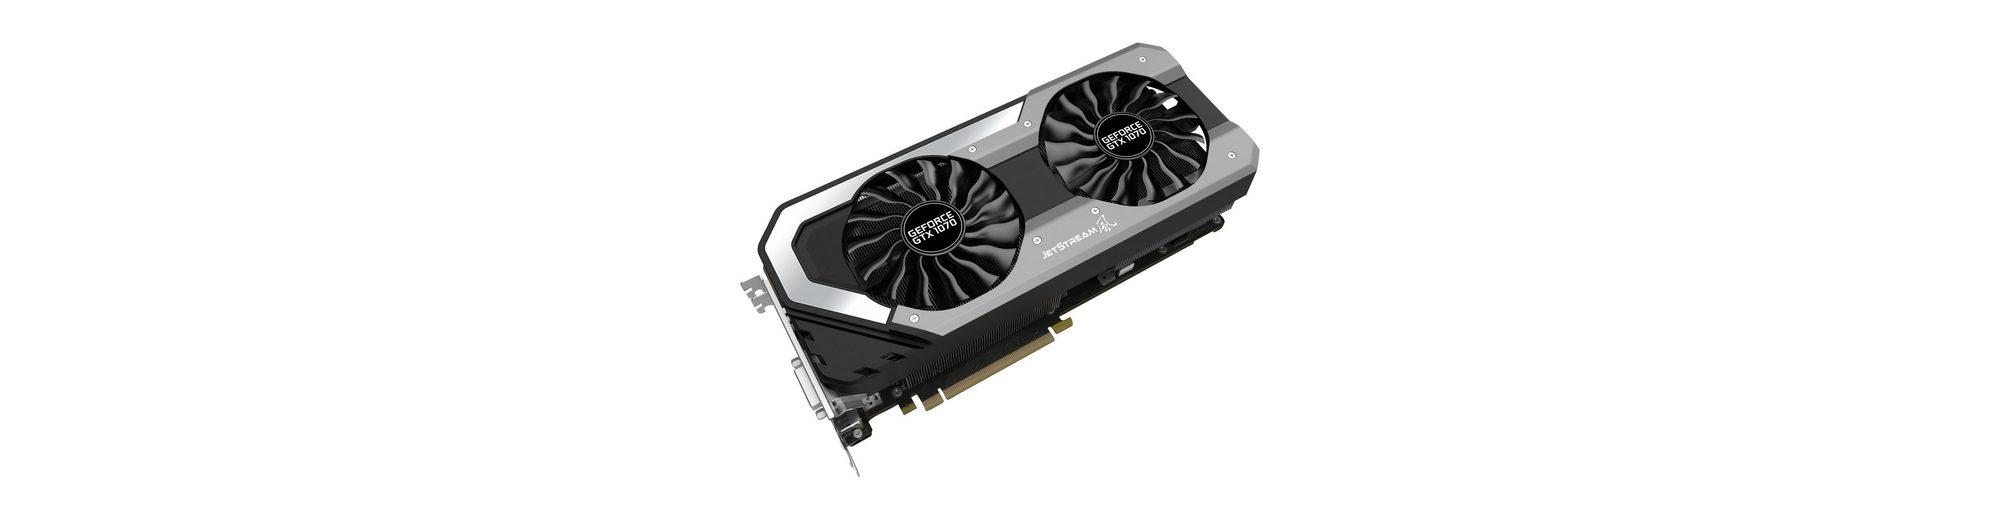 Palit Grafikkarte »GeForce GTX 1070 Super Jetstream«